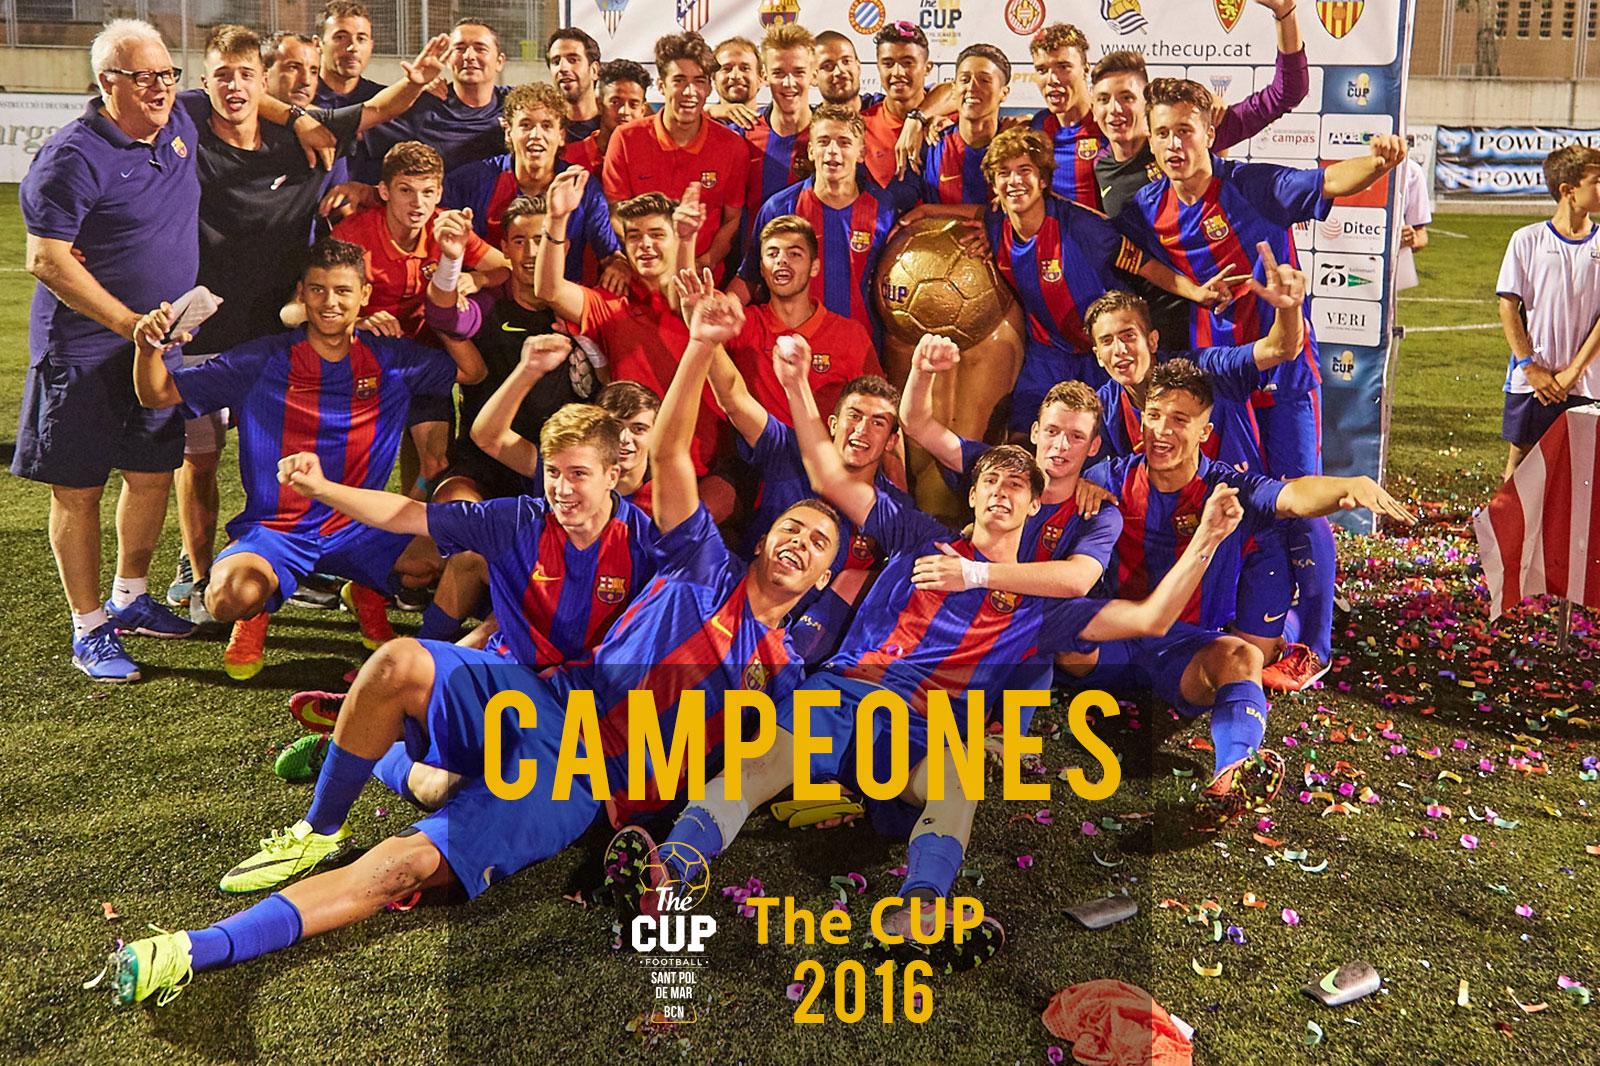 campeones_fcb16